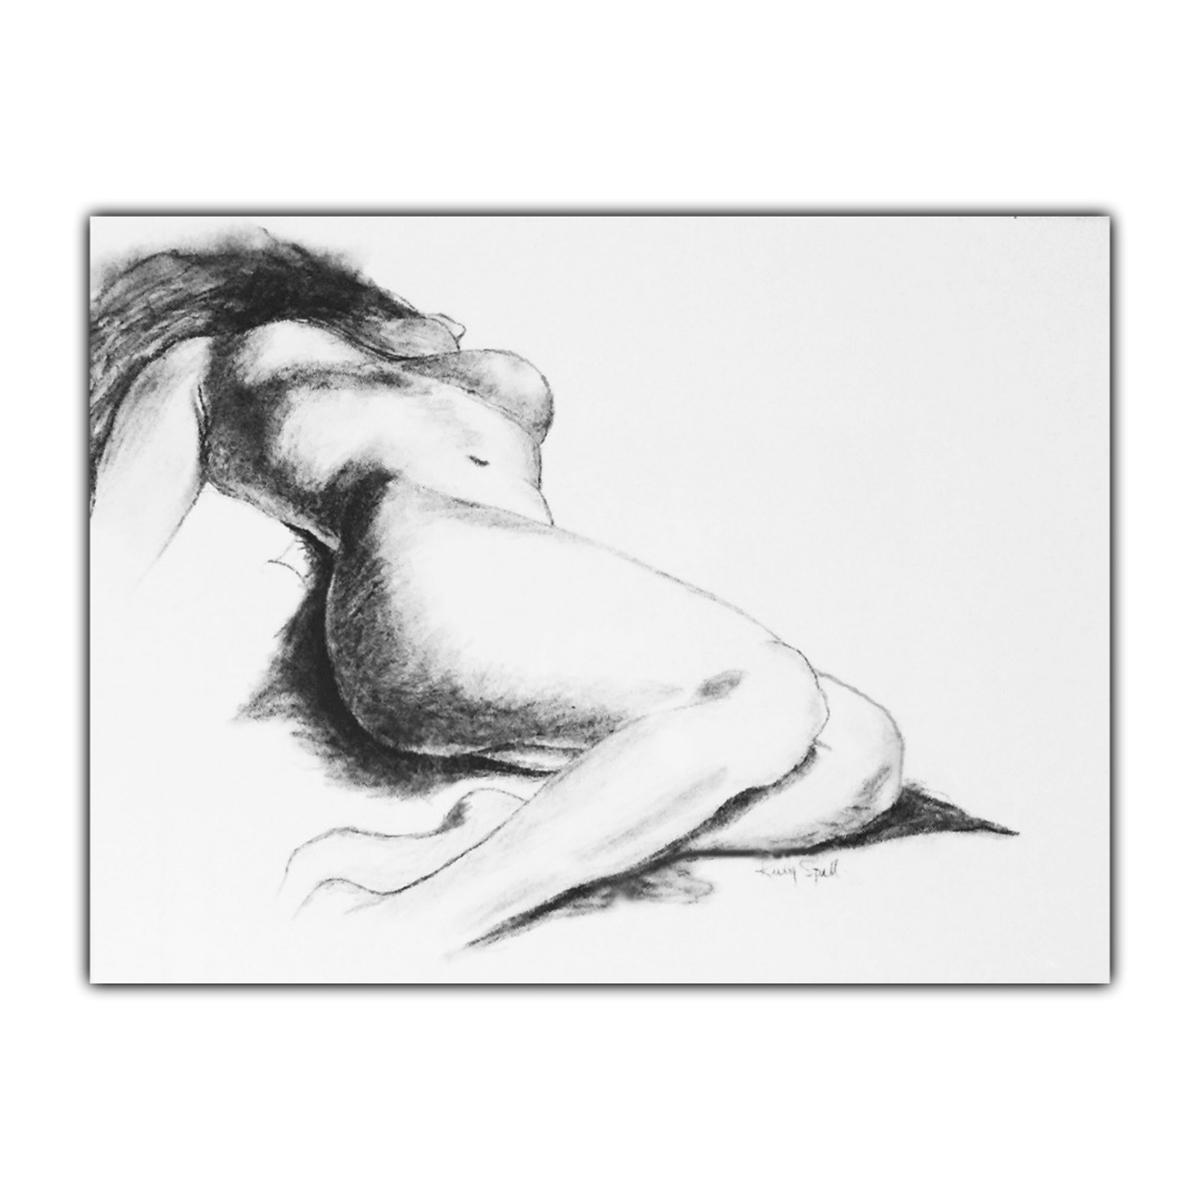 Nude Charcoal